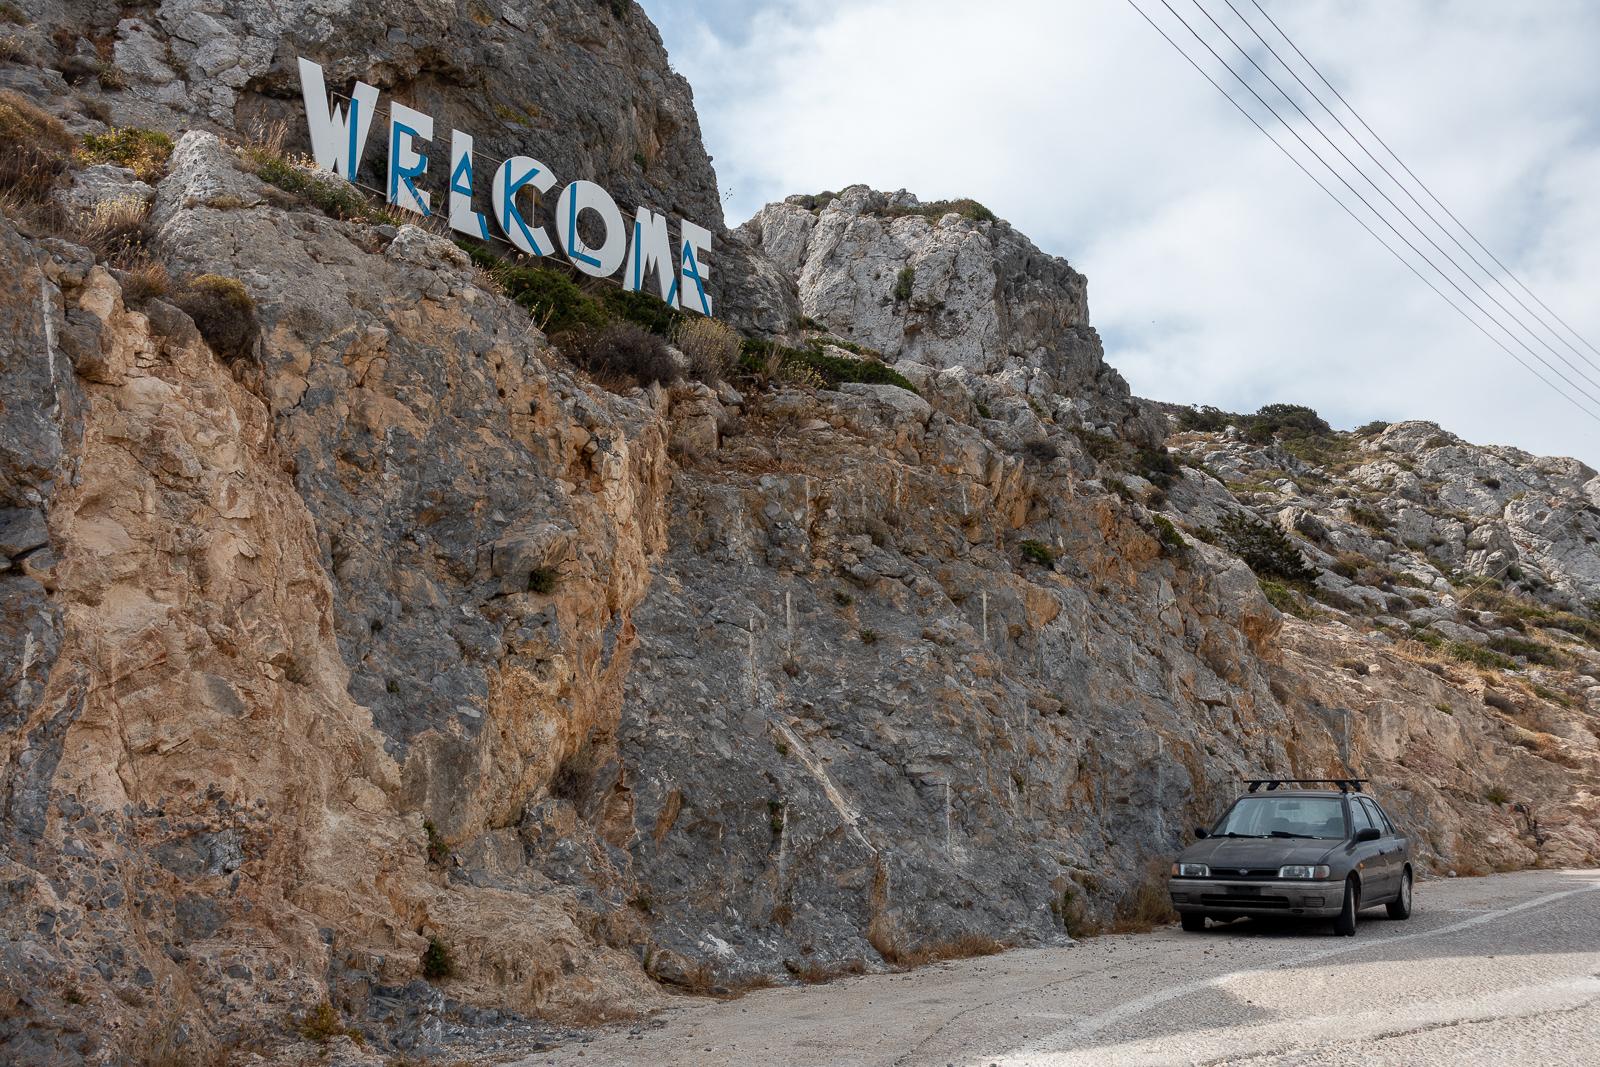 Itinéraire d'un voyage dans les Cyclades : arrivée à Iraklia. Partis pour la Grèce